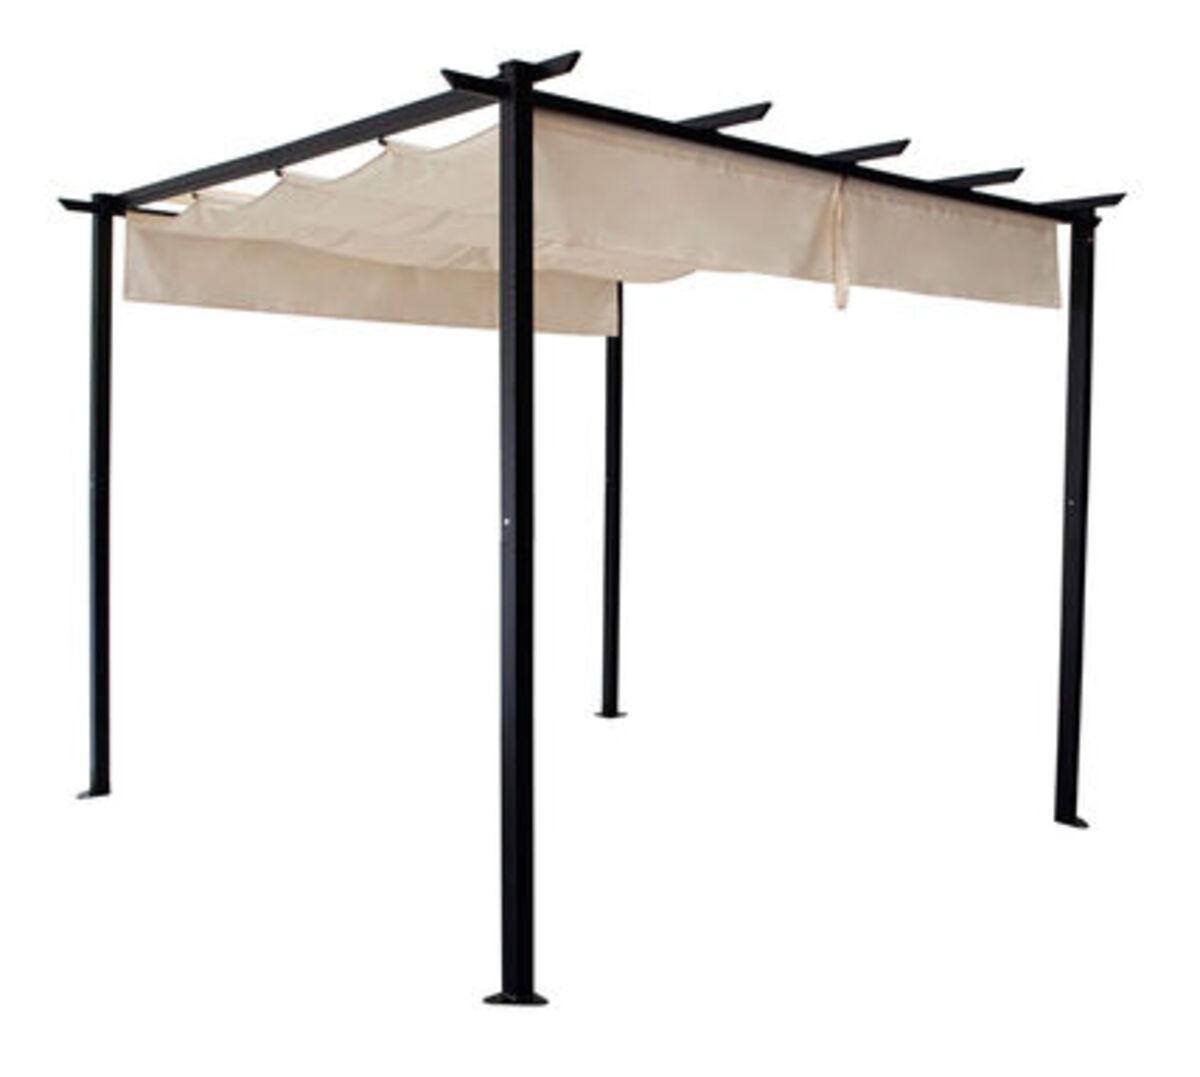 Bild 1 von DEGAMO Pavillon ANTIBES 3x3 Meter, Stahl schwarz, Schiebeplane écru